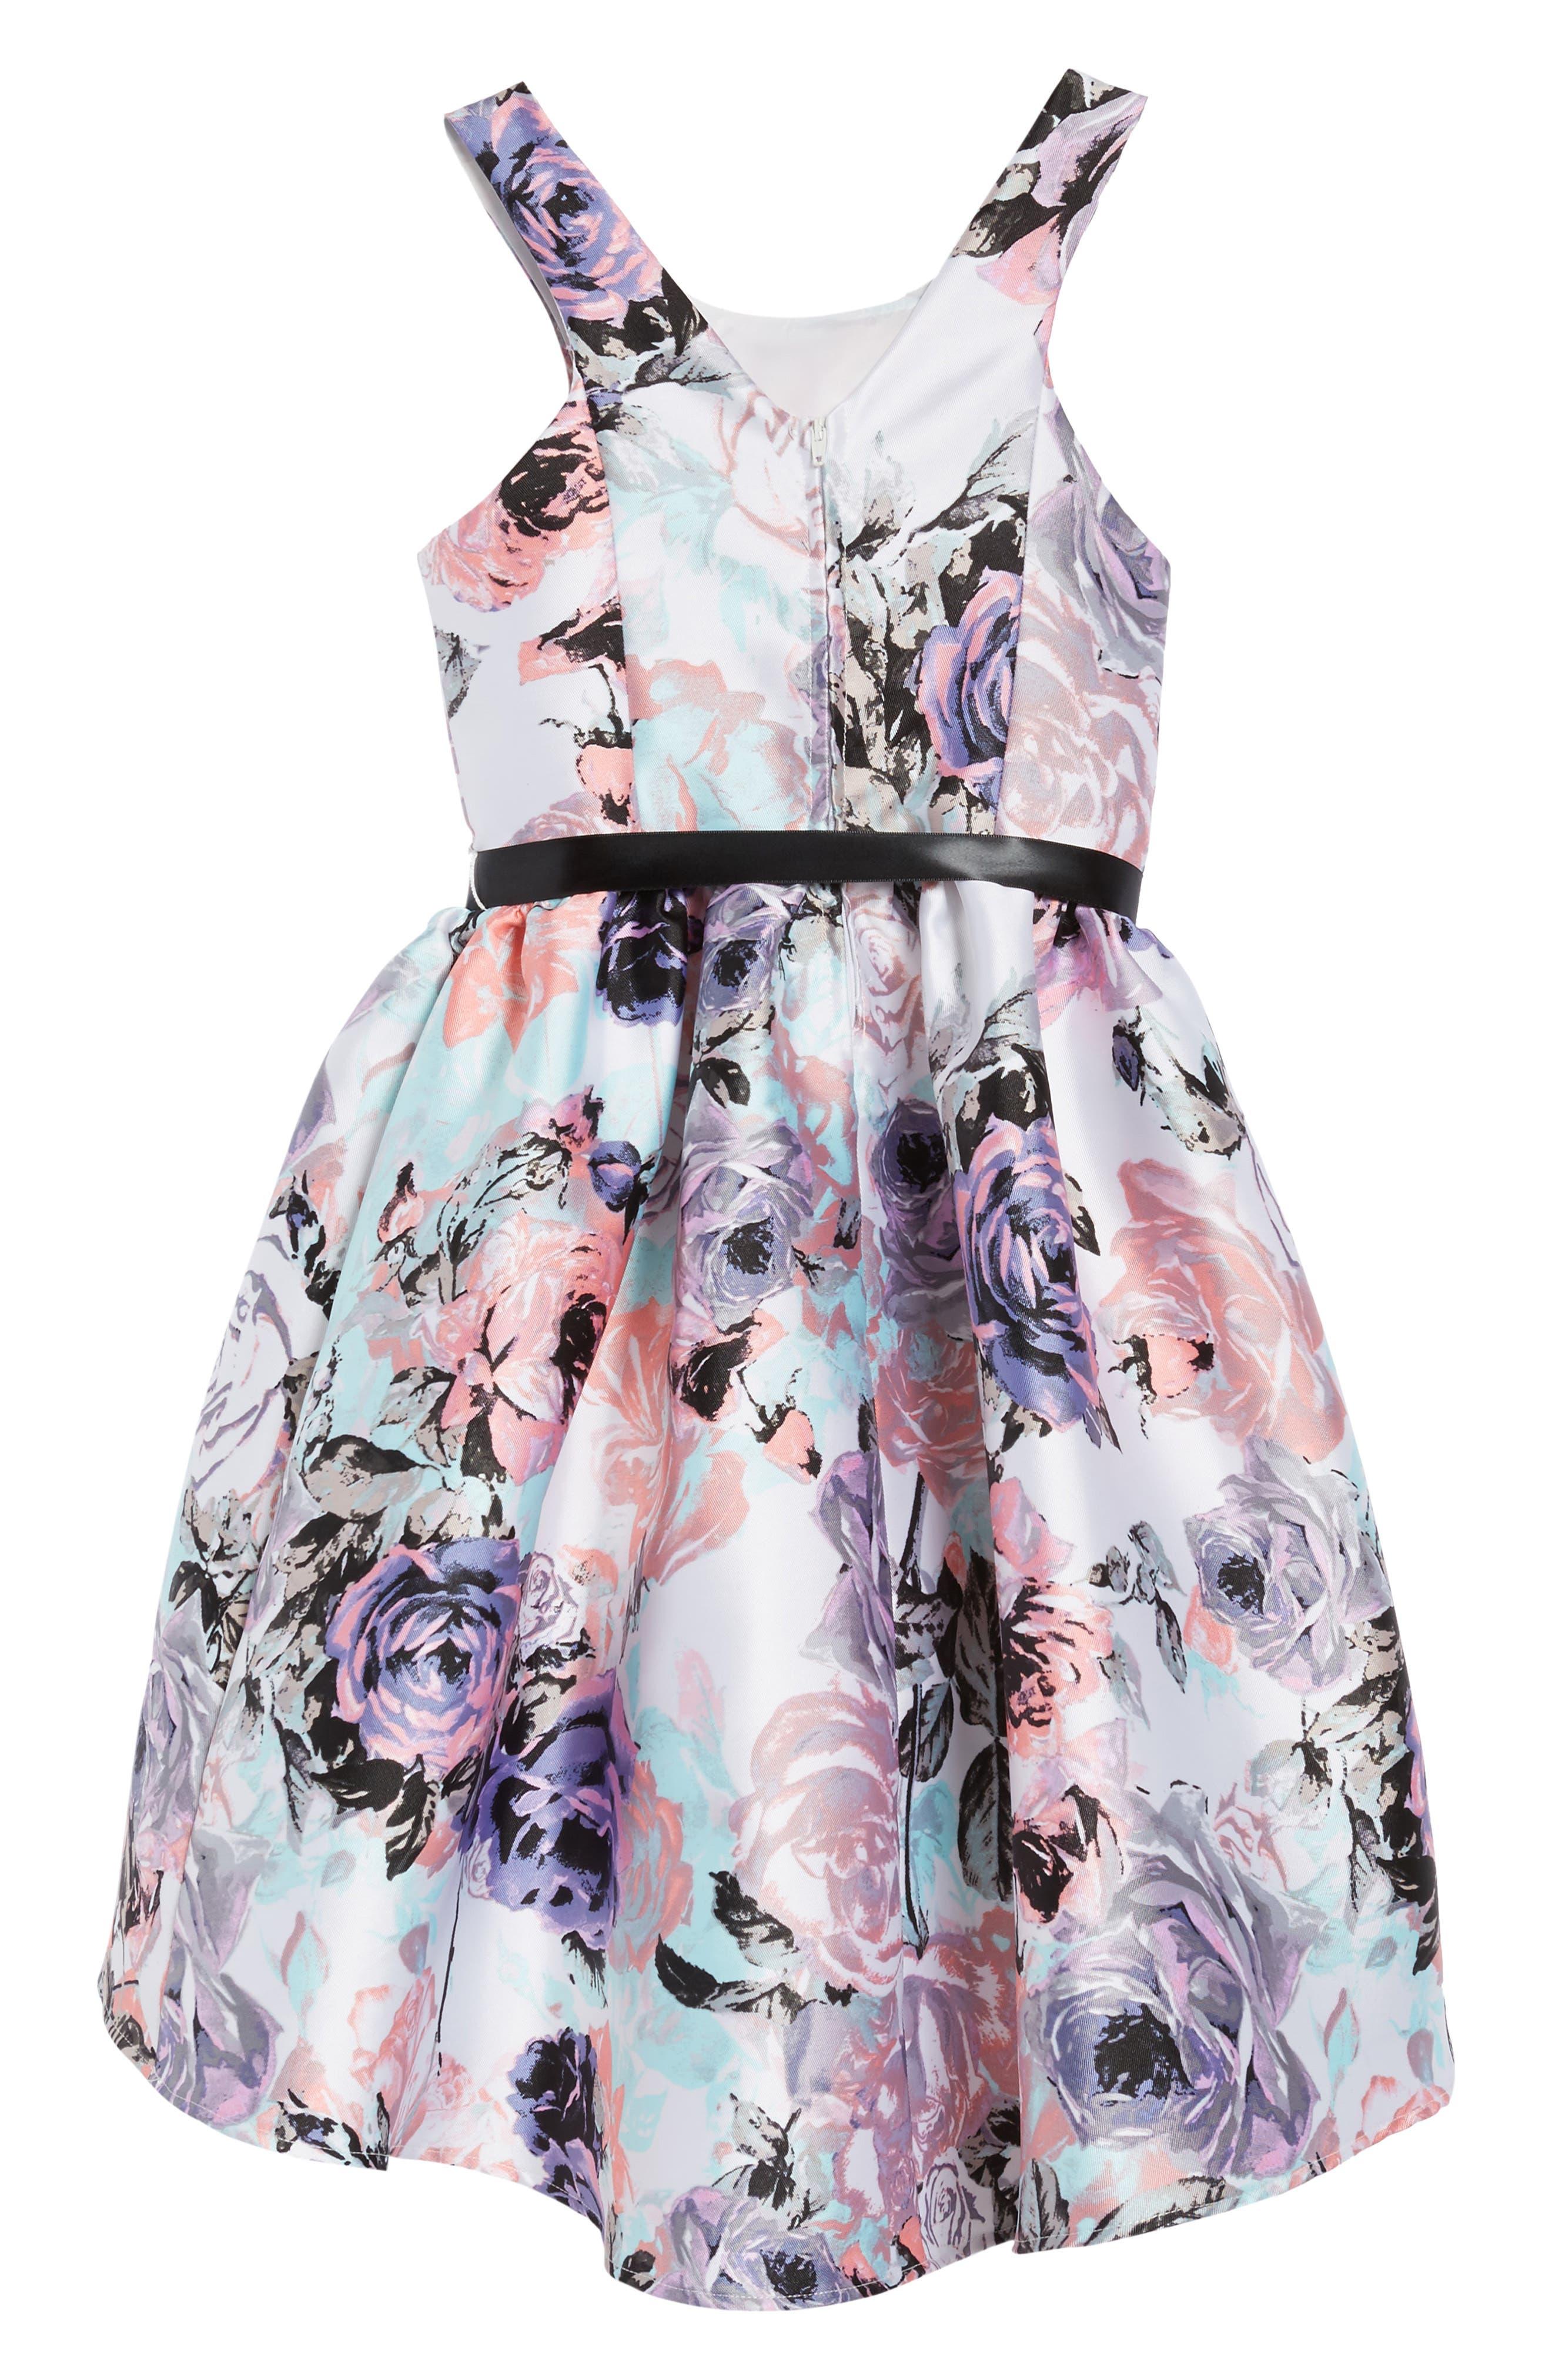 Floral Print Party Dress,                             Alternate thumbnail 2, color,                             512